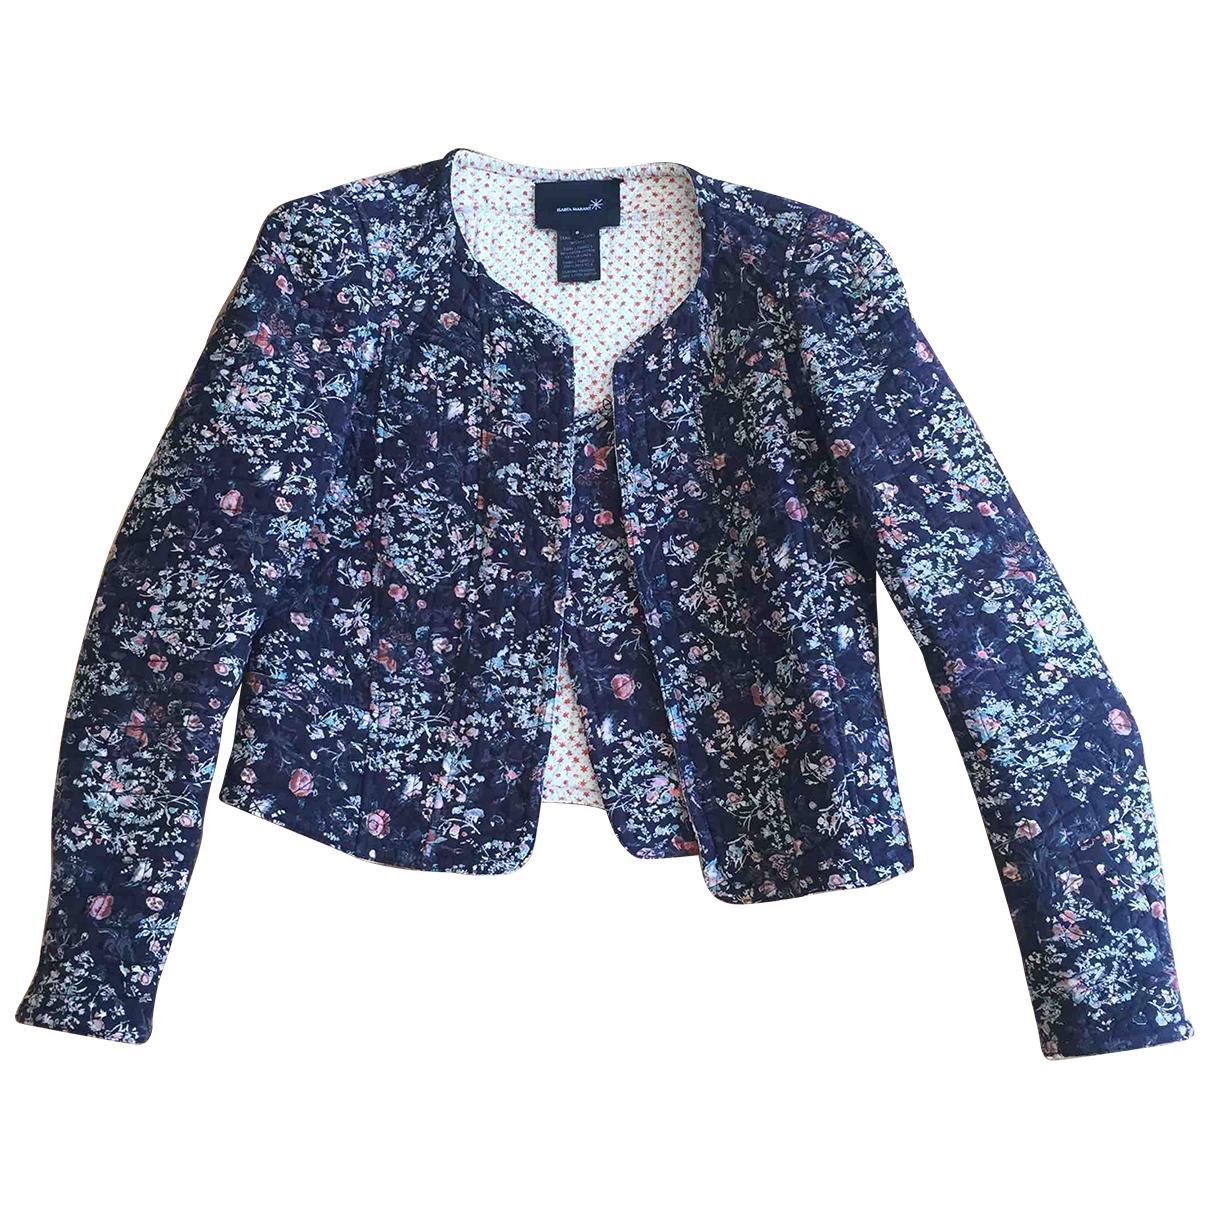 Isabel Marant \N Black Cotton jacket for Women 34 FR